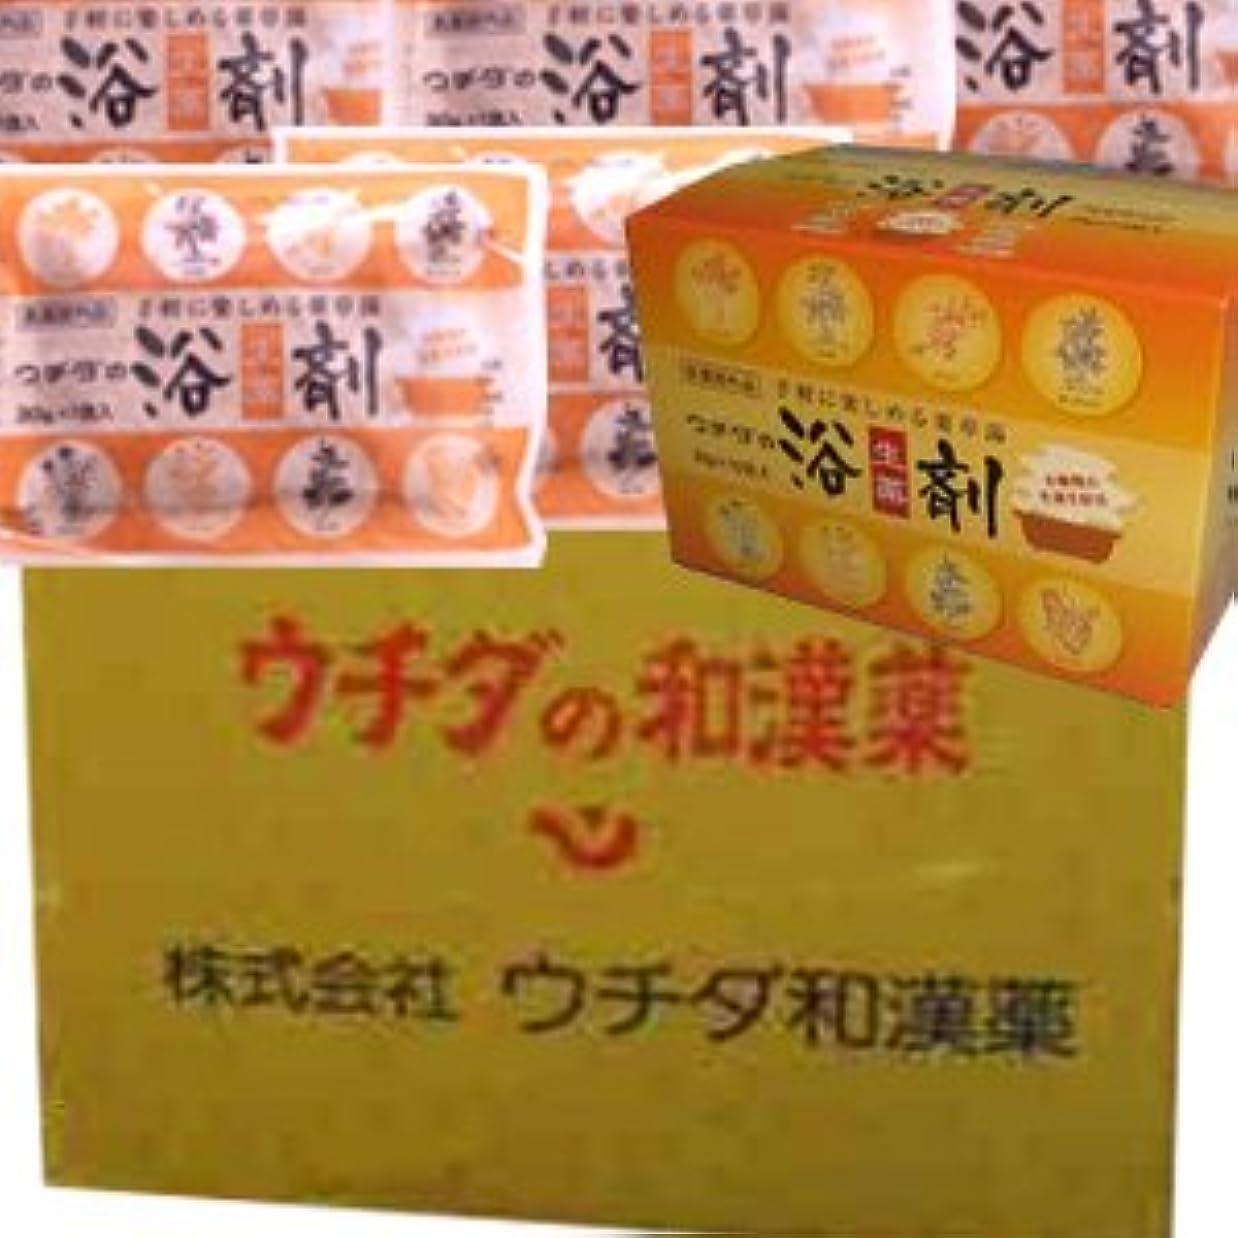 バランスのとれた努力するスタジオ【12個1ケース】 ウチダの浴剤 30g×10袋入×12個+6袋 (4987359400025)